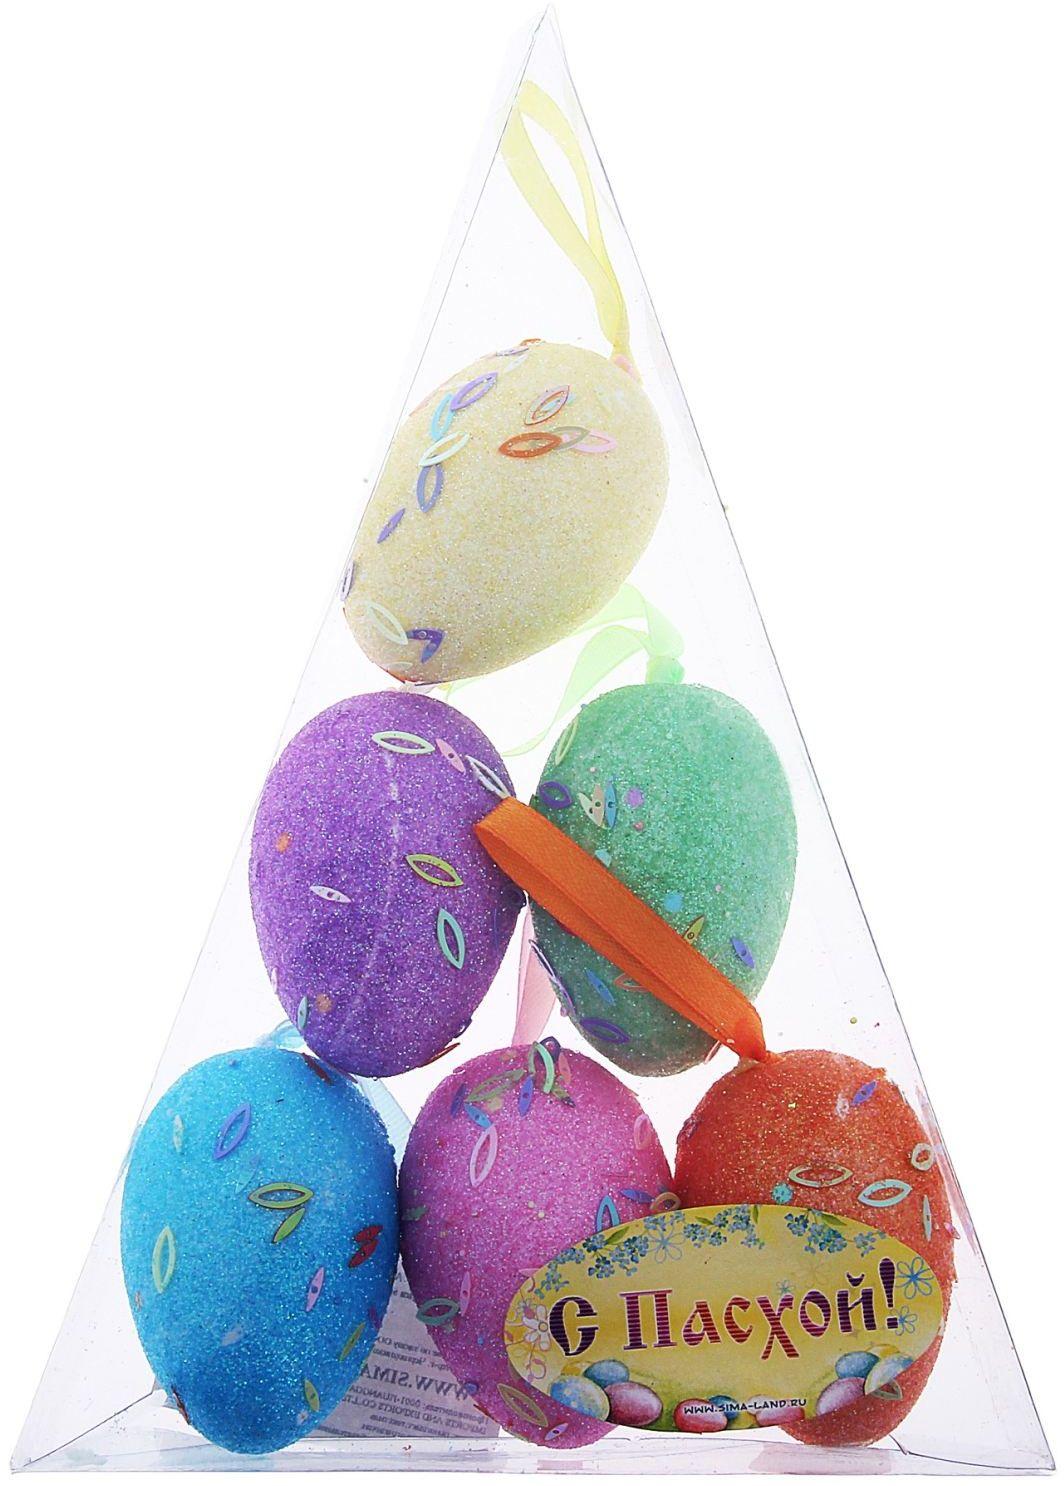 Сувенир пасхальный Sima-land Яйцо. Пайетки, 4 х 6 см, 6 шт114775Яйцо - это главный пасхальный символ, который символизирует для христиан новую жизнь и возрождение, поэтому его присутствие на праздничном столе является обязательным элементом во многих странах. Сегодня крашеными яйцами принято не только украшать праздничный стол. Если вы решили серьёзно подойти к декору квартиры, и вам нужно, например, подвесить яйца, закрепить на веточках, в этом вам поможет сувенир - пасхальное яйцо Пайетки (набор 6 шт) - очаровательный символ, который покорит сердце каждого. Можете уложить эти чудесные яйца в плетёную корзинку, на красивую салфетку, и перед вами уже готовый подарок или композиция для сервировки стола. Приобретая такой сувенир, вы сэкономите кучу времени на росписи яиц, оставив его на выпечку самого вкусного кулича.